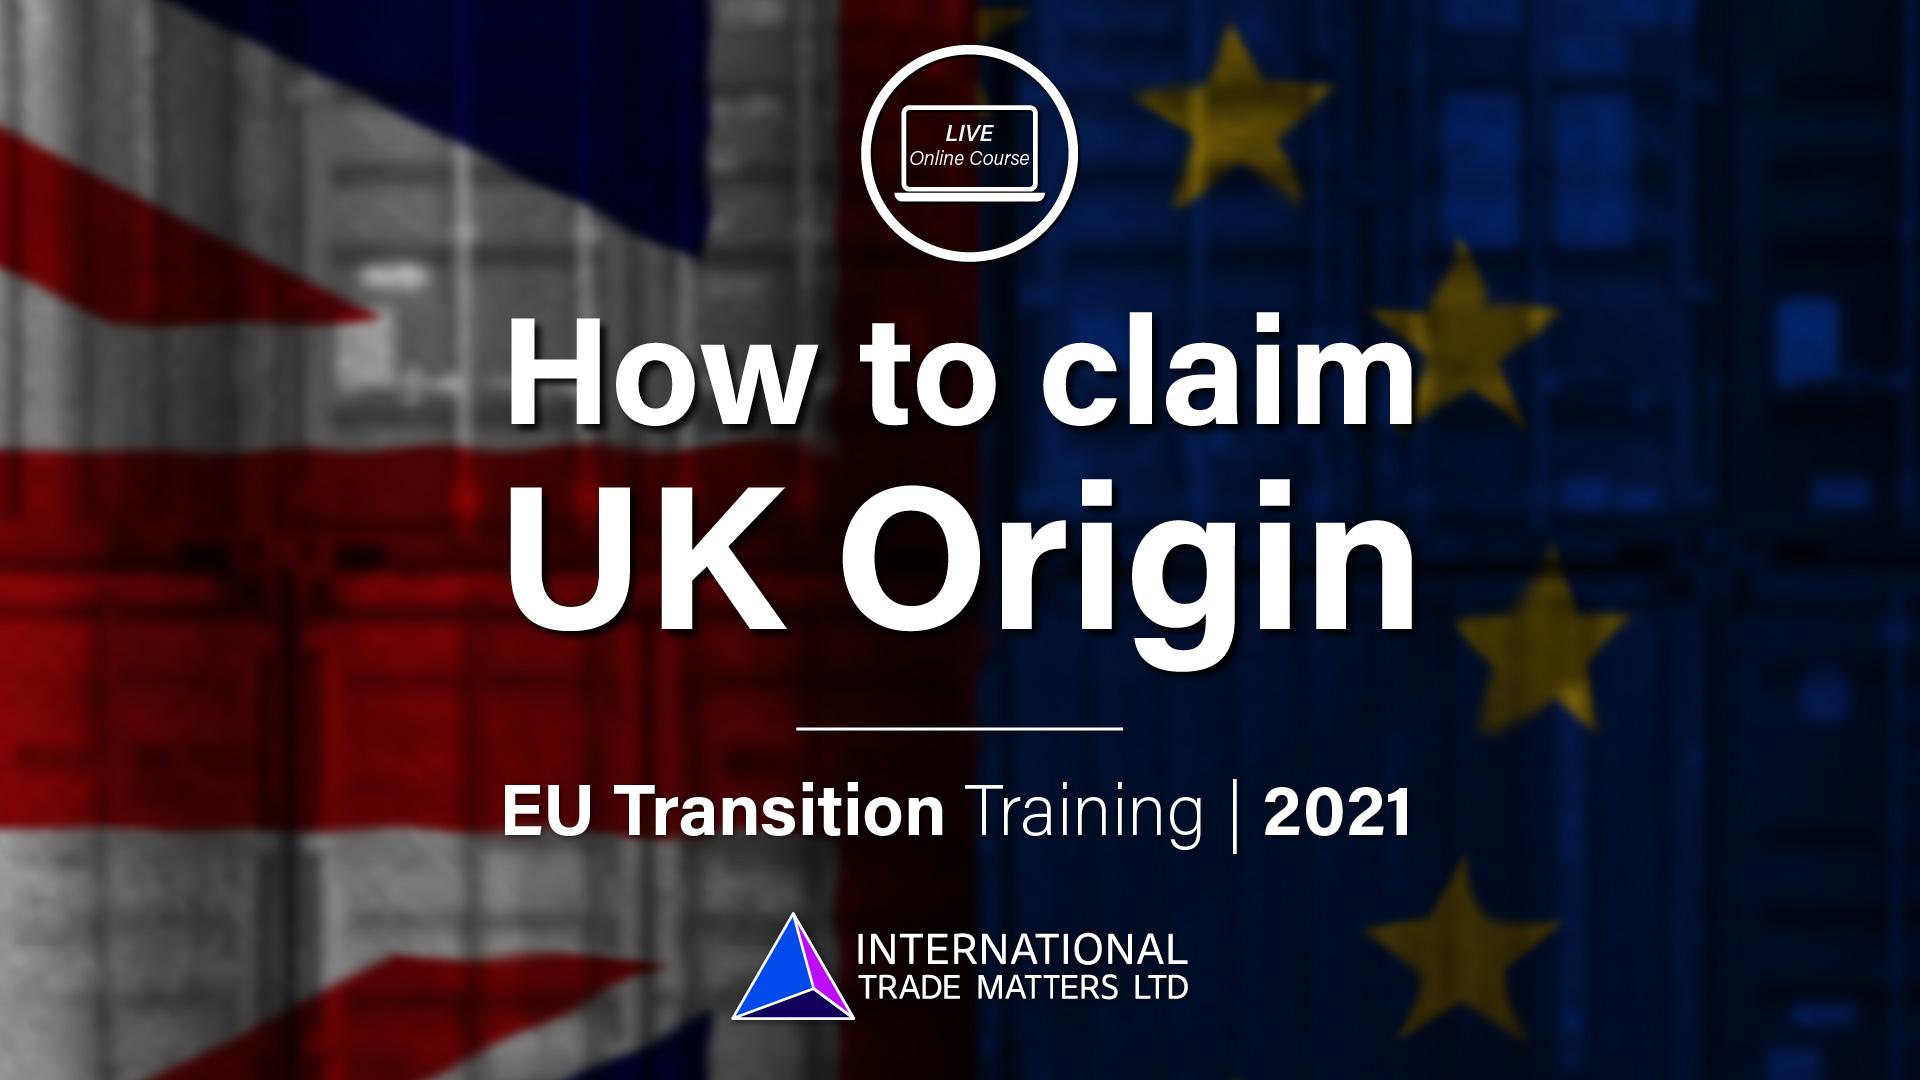 How to Claim UK Origin – Online EU Transition Training